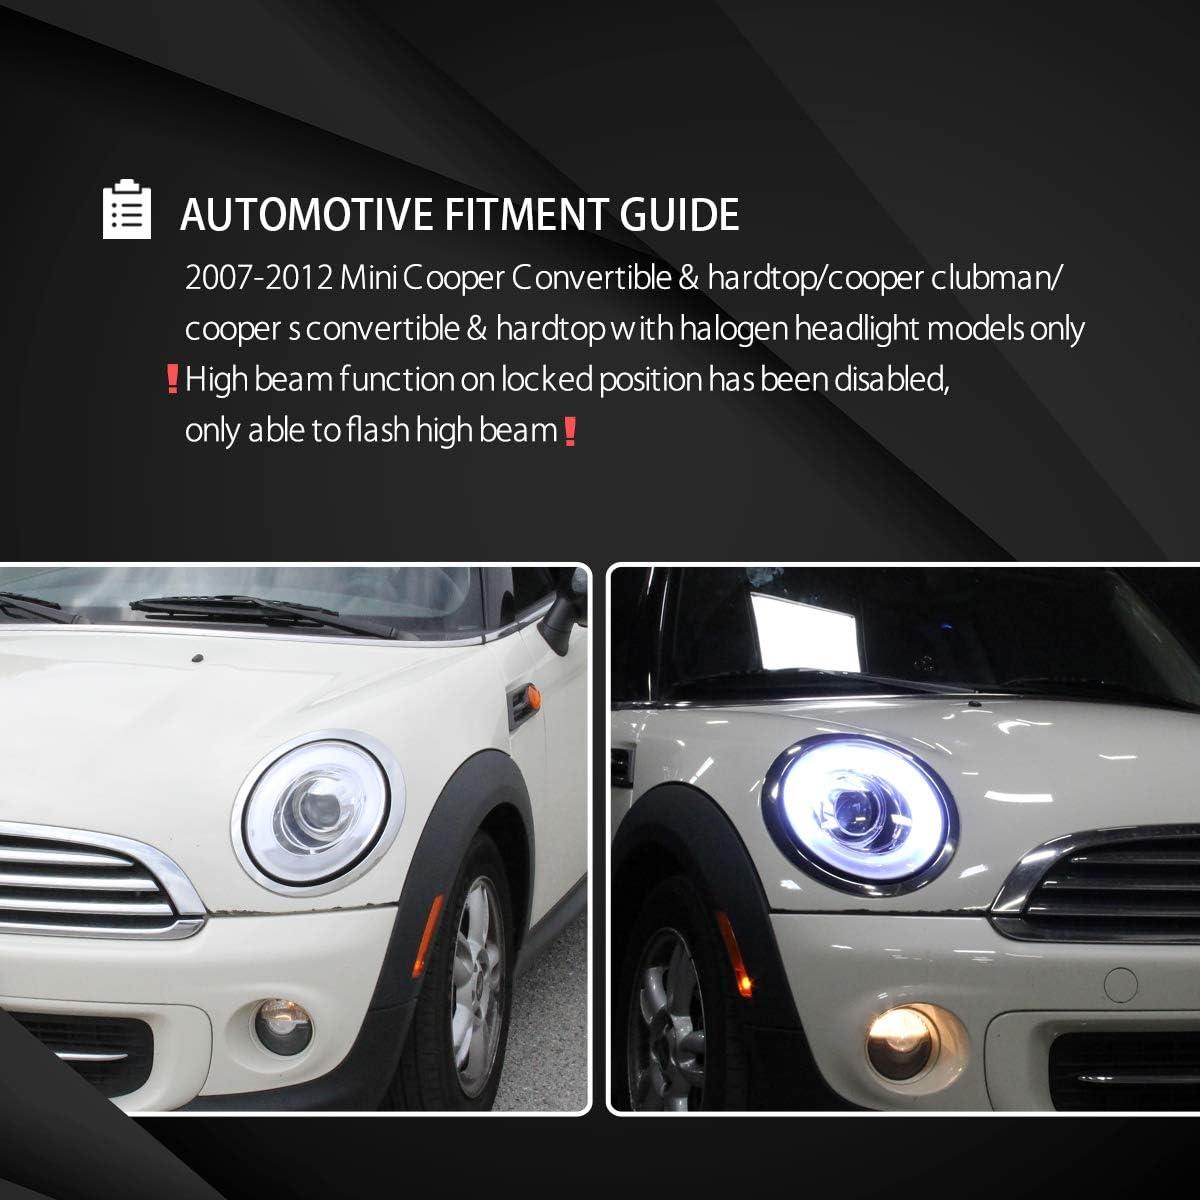 For Renault Clio MK3 H7 55w Clear Xenon HID High Main Beam Headlight Bulbs Pair